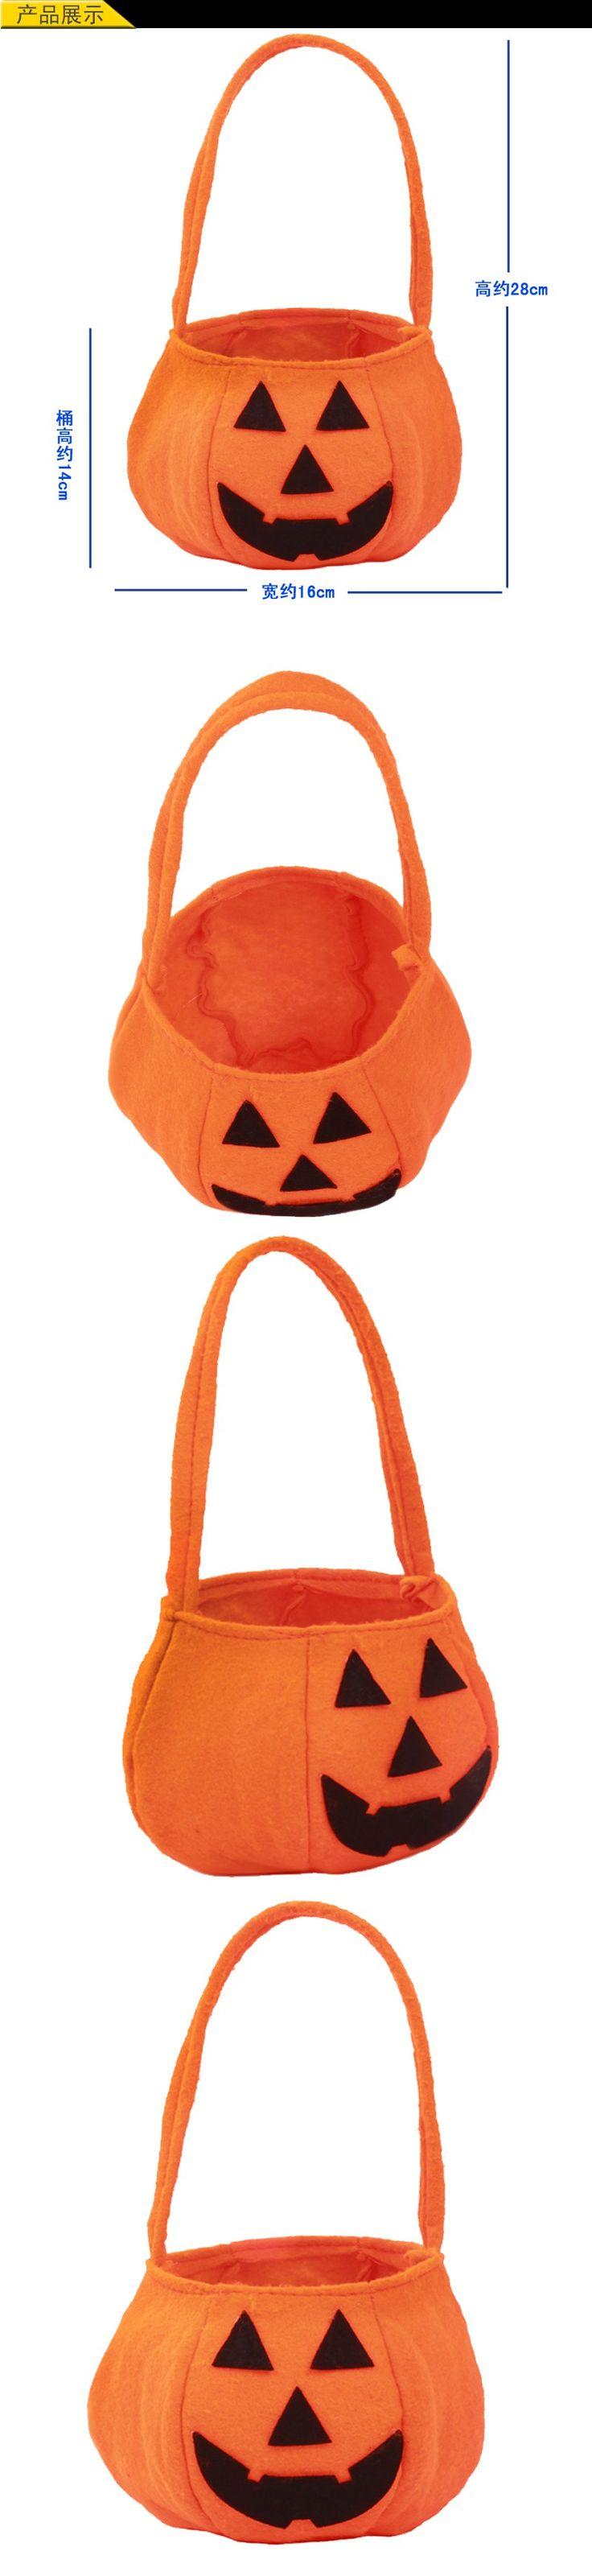 Aliexpress.com: Comprar 2015 recién llegado lindo calabaza de Halloween los niños bolsas de tela para caramelos venta caliente del envío gratis de tela bolsas de correo fiable proveedores en Newshow Fashion